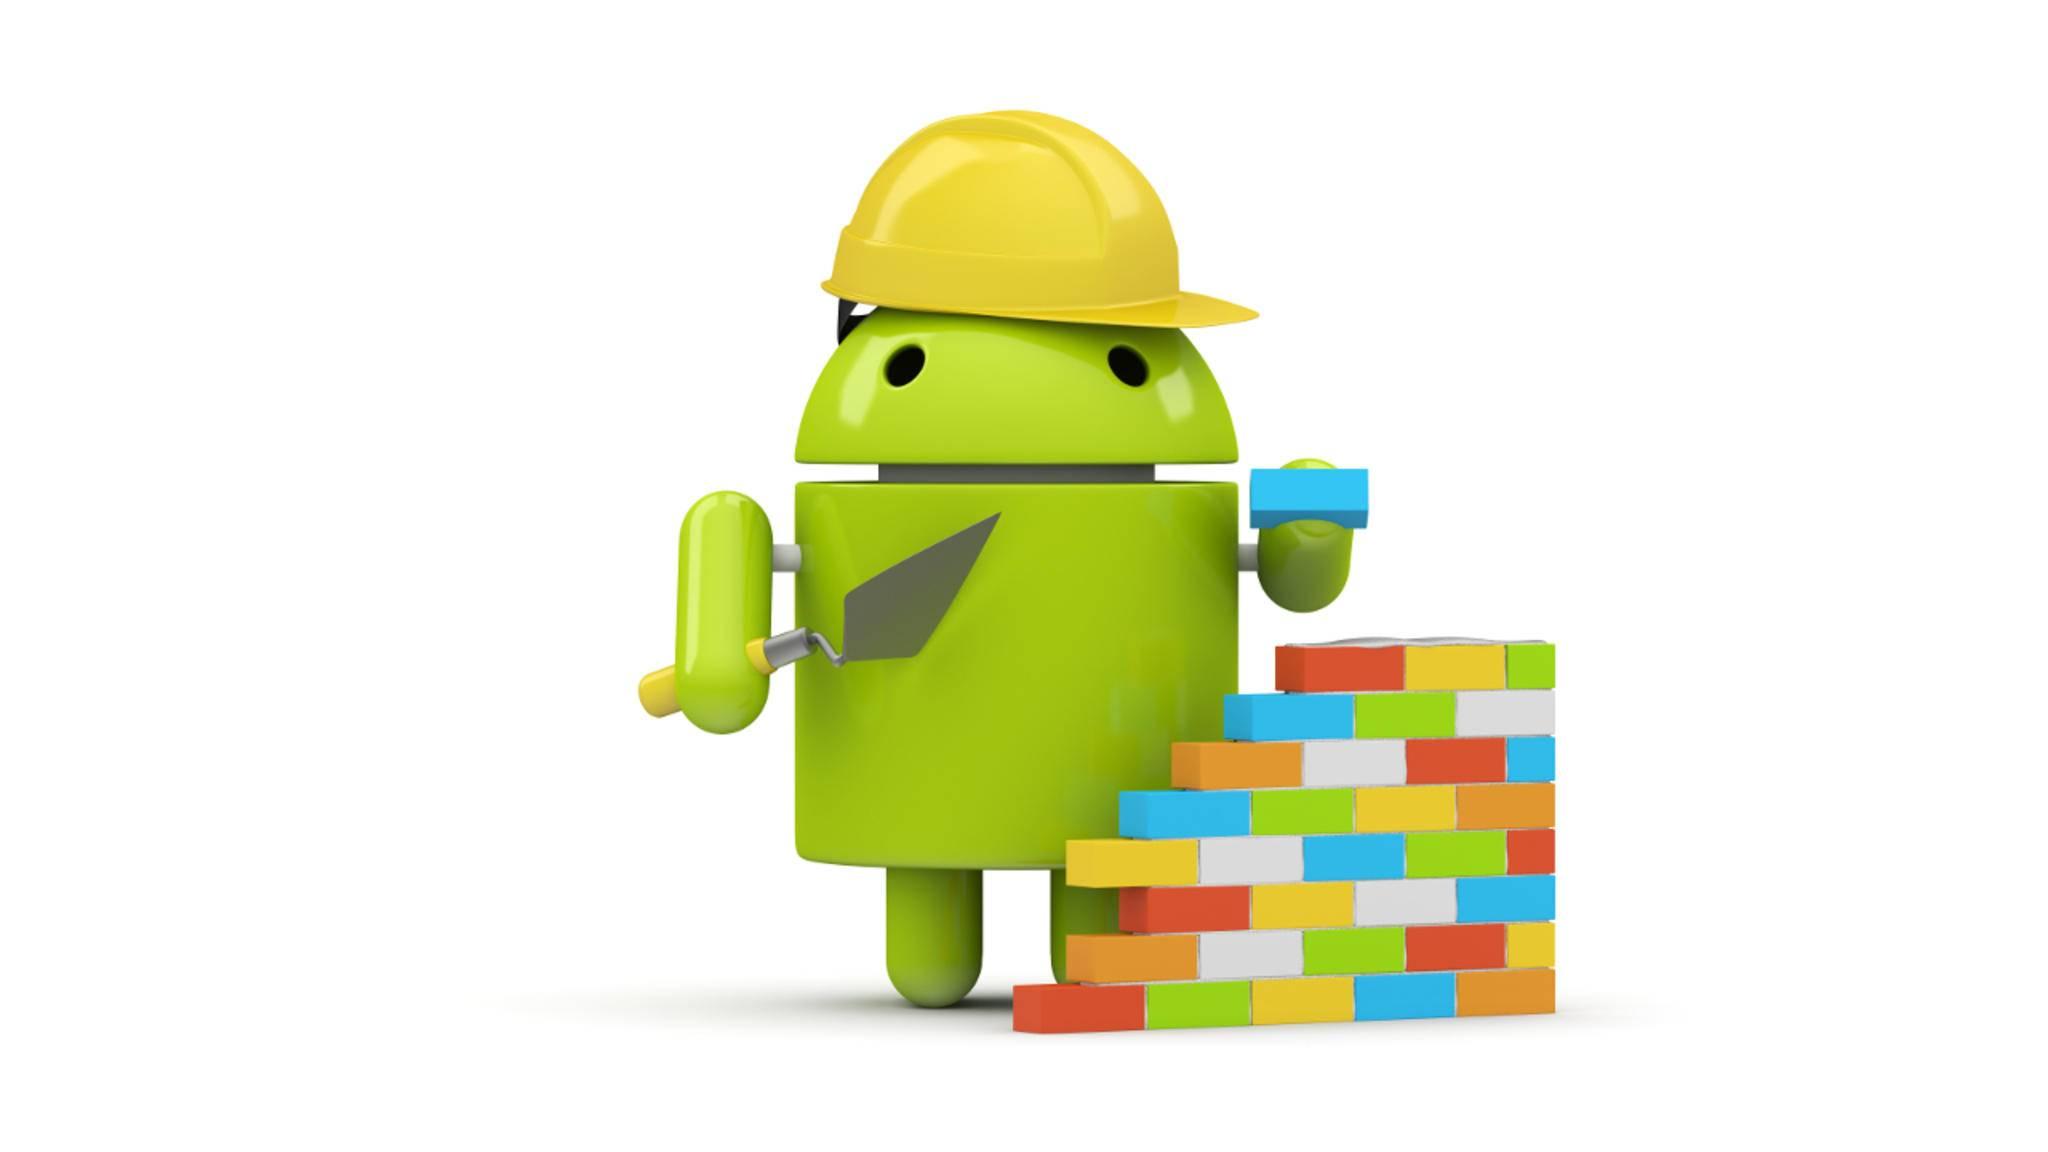 Noch laufen die Arbeiten an Android P auf Hochtouren.